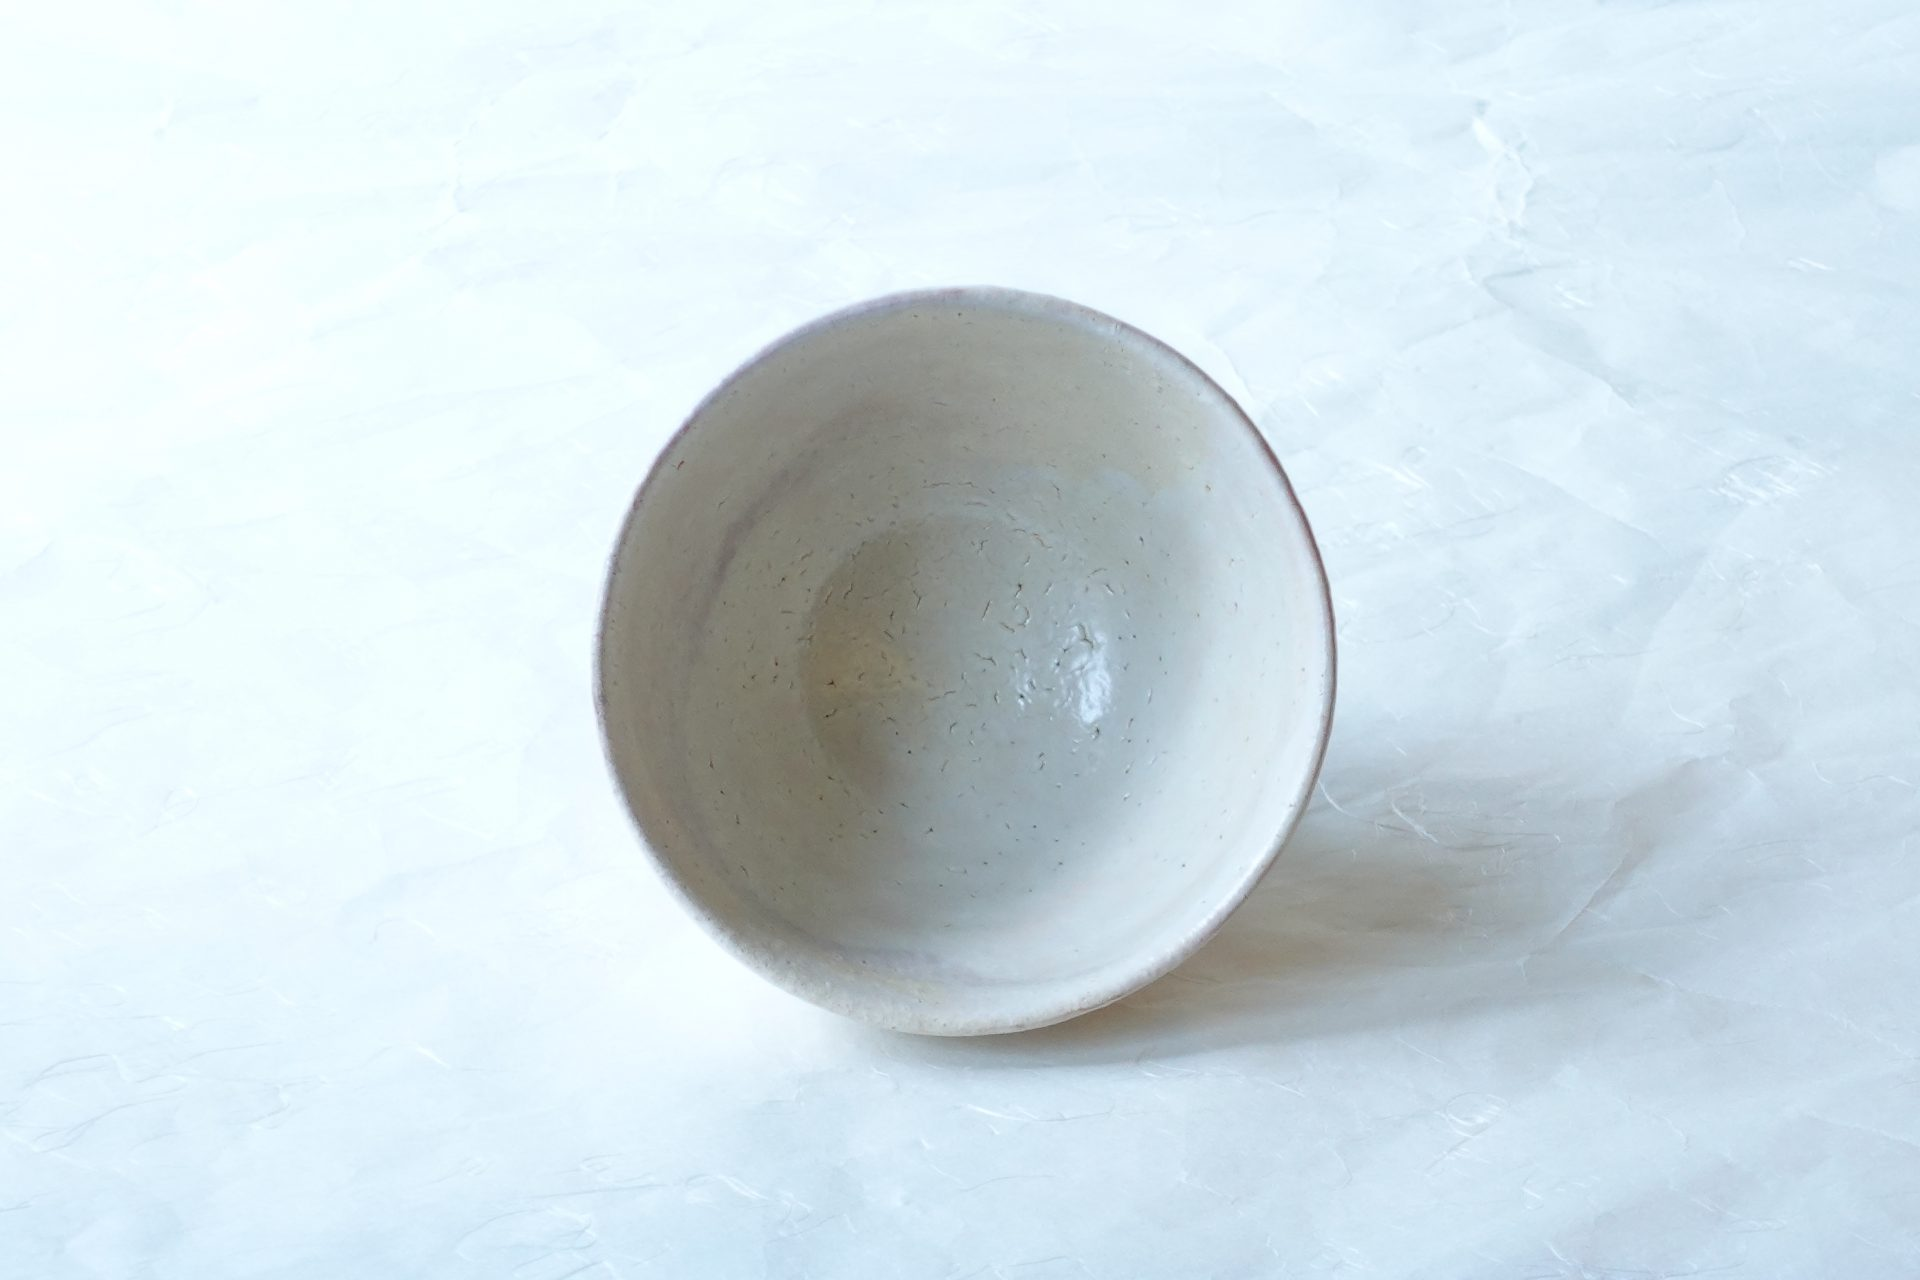 茶道具 茶の湯 茶道 萩焼 林紅陽 大井戸茶碗 朝鮮茶碗の一種 朝鮮茶碗の中で第一等唐物茶碗の王者 赤褐色 荒目の土 ろくろ目 竹節高台 削り出し高台 乳白色の釉薬 大ぶりで背が高い 名物が多い 薄いベージュ 貫入 釉薬の亀裂 ピンホール 点在 正面 釉薬の垂れ 白っぽい 明るい印象 萩の七変化 永く使える 逸品 日本製 陶器 磁器 陶磁器 漆器 茶道具 華道具 贈り物 ギフト 記念品 引出物 法要 お返し 専門店 リアル店舗 茶の湯 茶道 裏千家 表千家 茶会 月釜 抹茶 高品質 安らぎ いやし よりおいしく 安心 機能的 長持ち 人気 おすすめ 高機能 ネット通販 ネットショップ セレクトショップ 欲しい 購入 買う 買い物 岐阜県 岐阜市 美殿町 小林漆陶 特別な 選び抜かれた 品質重視 使いやすい 格安 老舗 誕生日 結婚 出産 入学 退職 母の日 父の日 敬老の日 クリスマス プレゼント 叙勲 長寿 新築 お祝い 御礼 内祝い 外国土産 海外みやげ 実店舗 創業100年以上 使うと分かる 職人技 日本一の品揃え 日本一の在庫数 専門店 専門知識 数万点の在庫 百貨店(高島屋 三越 伊勢丹 松坂屋 大丸)にない 手作り お洒落 高級品 希少価値 上質な器 伝統工芸品 コスパ お値打ち お買い得 堅牢 飽きない 永く使える お気に入り 国産 料理が映える 満足感 豊かな食生活 豊かな食文化 こだわりの器 日本文化 他にない ここにしかない オリジナル 独自の 個性的 ここでしか買えない 超レアもの 一品もの 現品限り 入手困難 いい器 匠の技 美しい 実用的 外人が喜ぶ店 外人が珍しがる店 外人がうれしい店 日本各地の一級品を売る店 日本全国の器を売る店 本当にいいもの コスパ高い 一流品 修理 選りすぐりの逸品 周年記念 永年勤続表彰 退職記念 卒業記念 日本土産 岐阜土産 岐阜のおみやげ 岐阜の特産品 料理を引き立てる器 高級店 一流店 岐阜で一番 東海で一番 中部で一番 日本で一番 おしゃれな店 地域一番店 実店舗 陶磁器